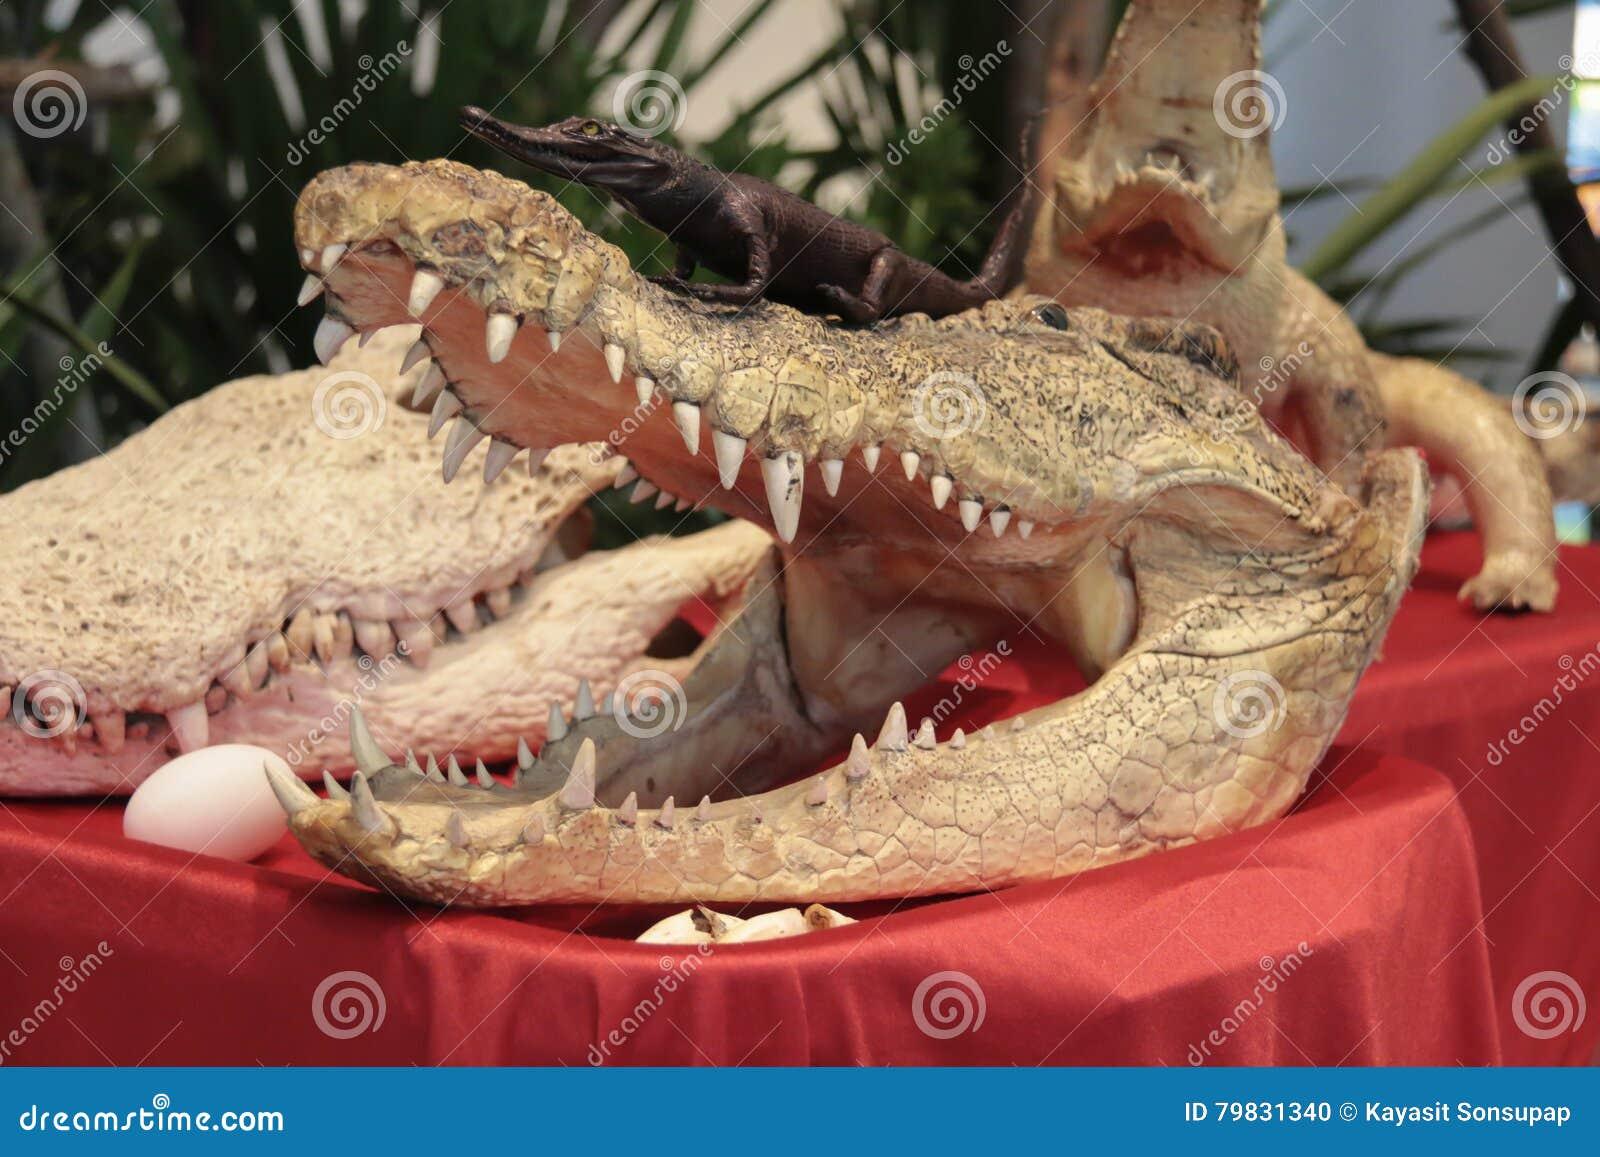 Großzügig Nil Krokodil Färbung Seite Bilder - Malvorlagen Von Tieren ...